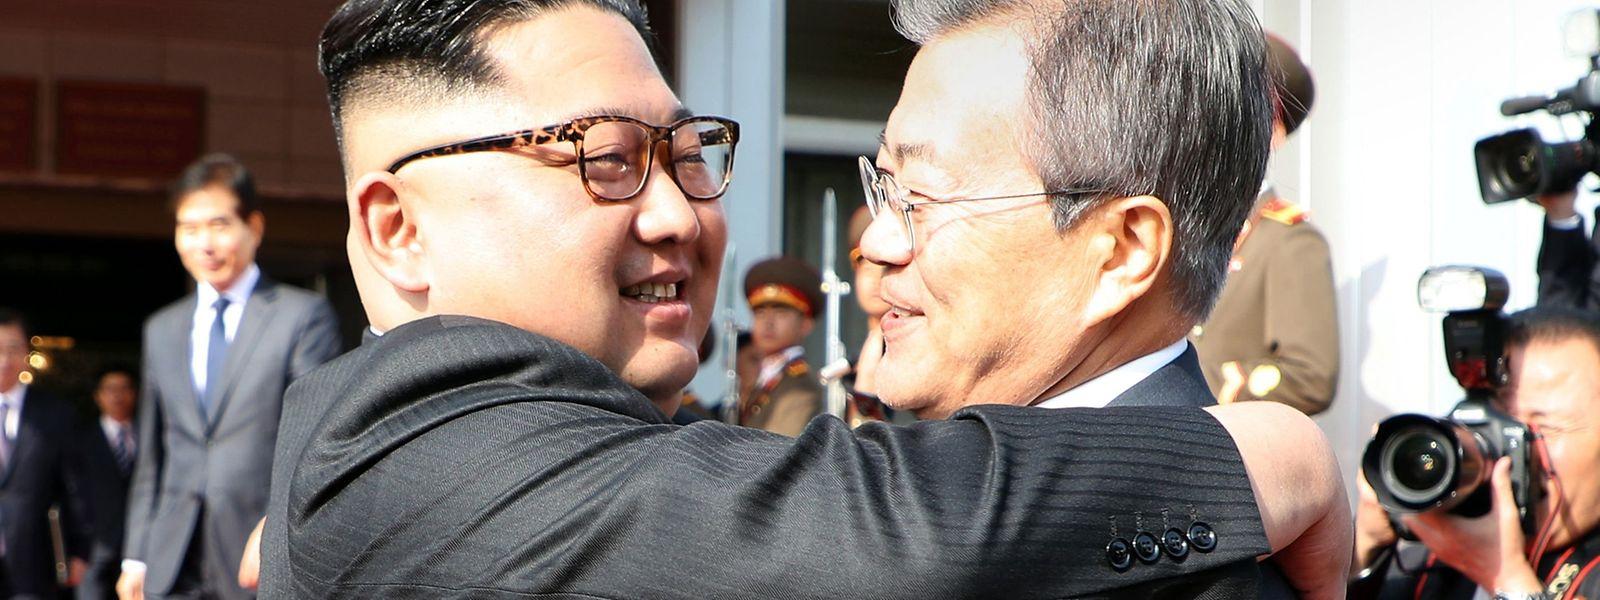 O presidente da Coreia do Sul, Moon Jae-in, voltou a encontrar-se com Kim Jong-un